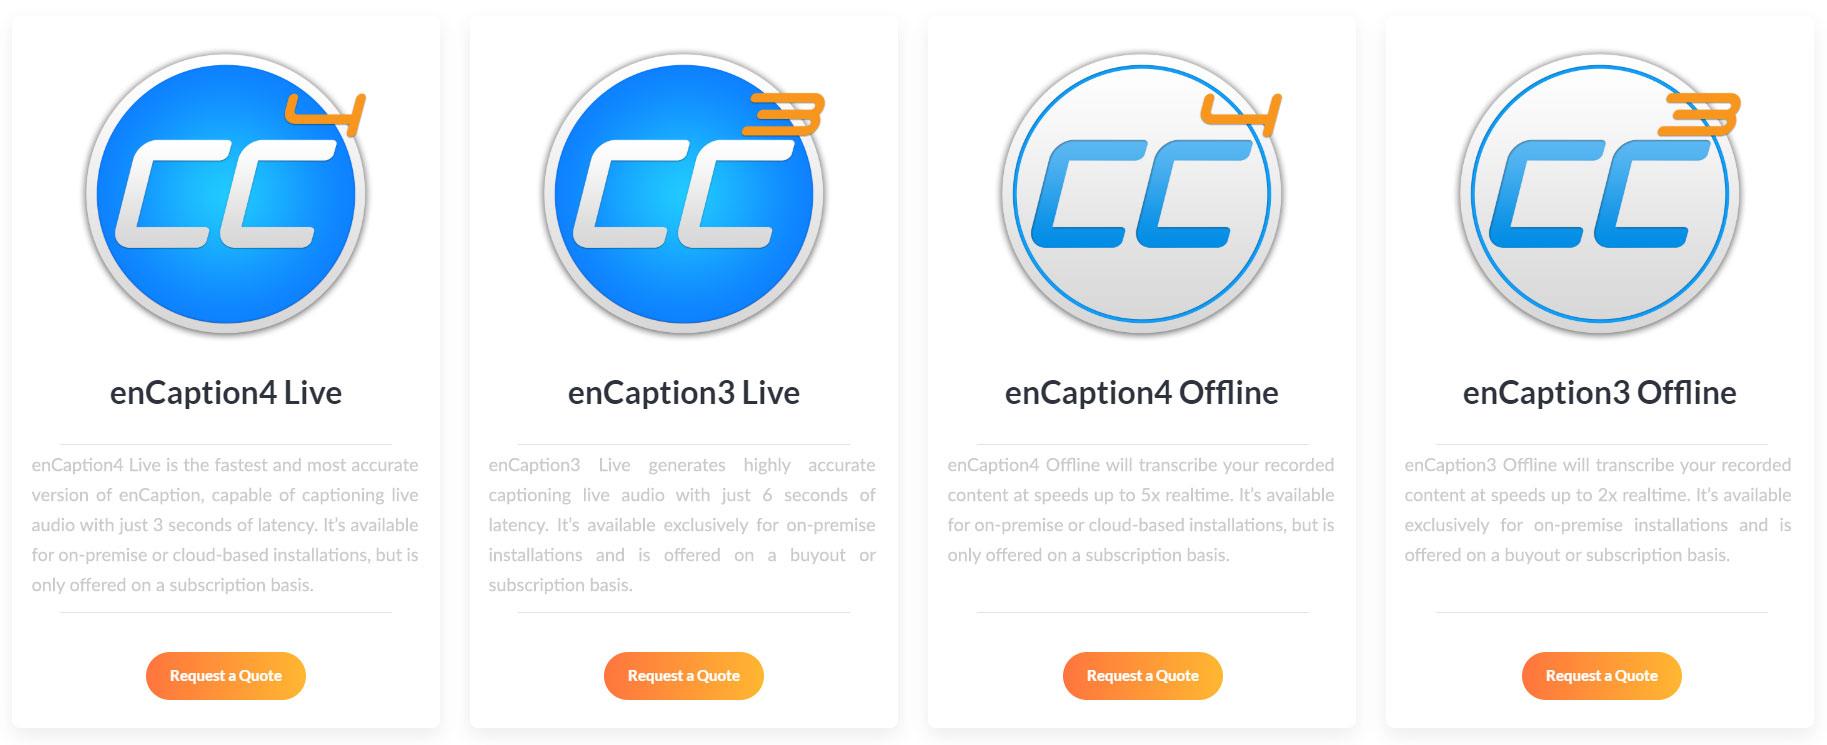 Contact Us - ENCO Systems - old-site-CC-comparison-paragraphs